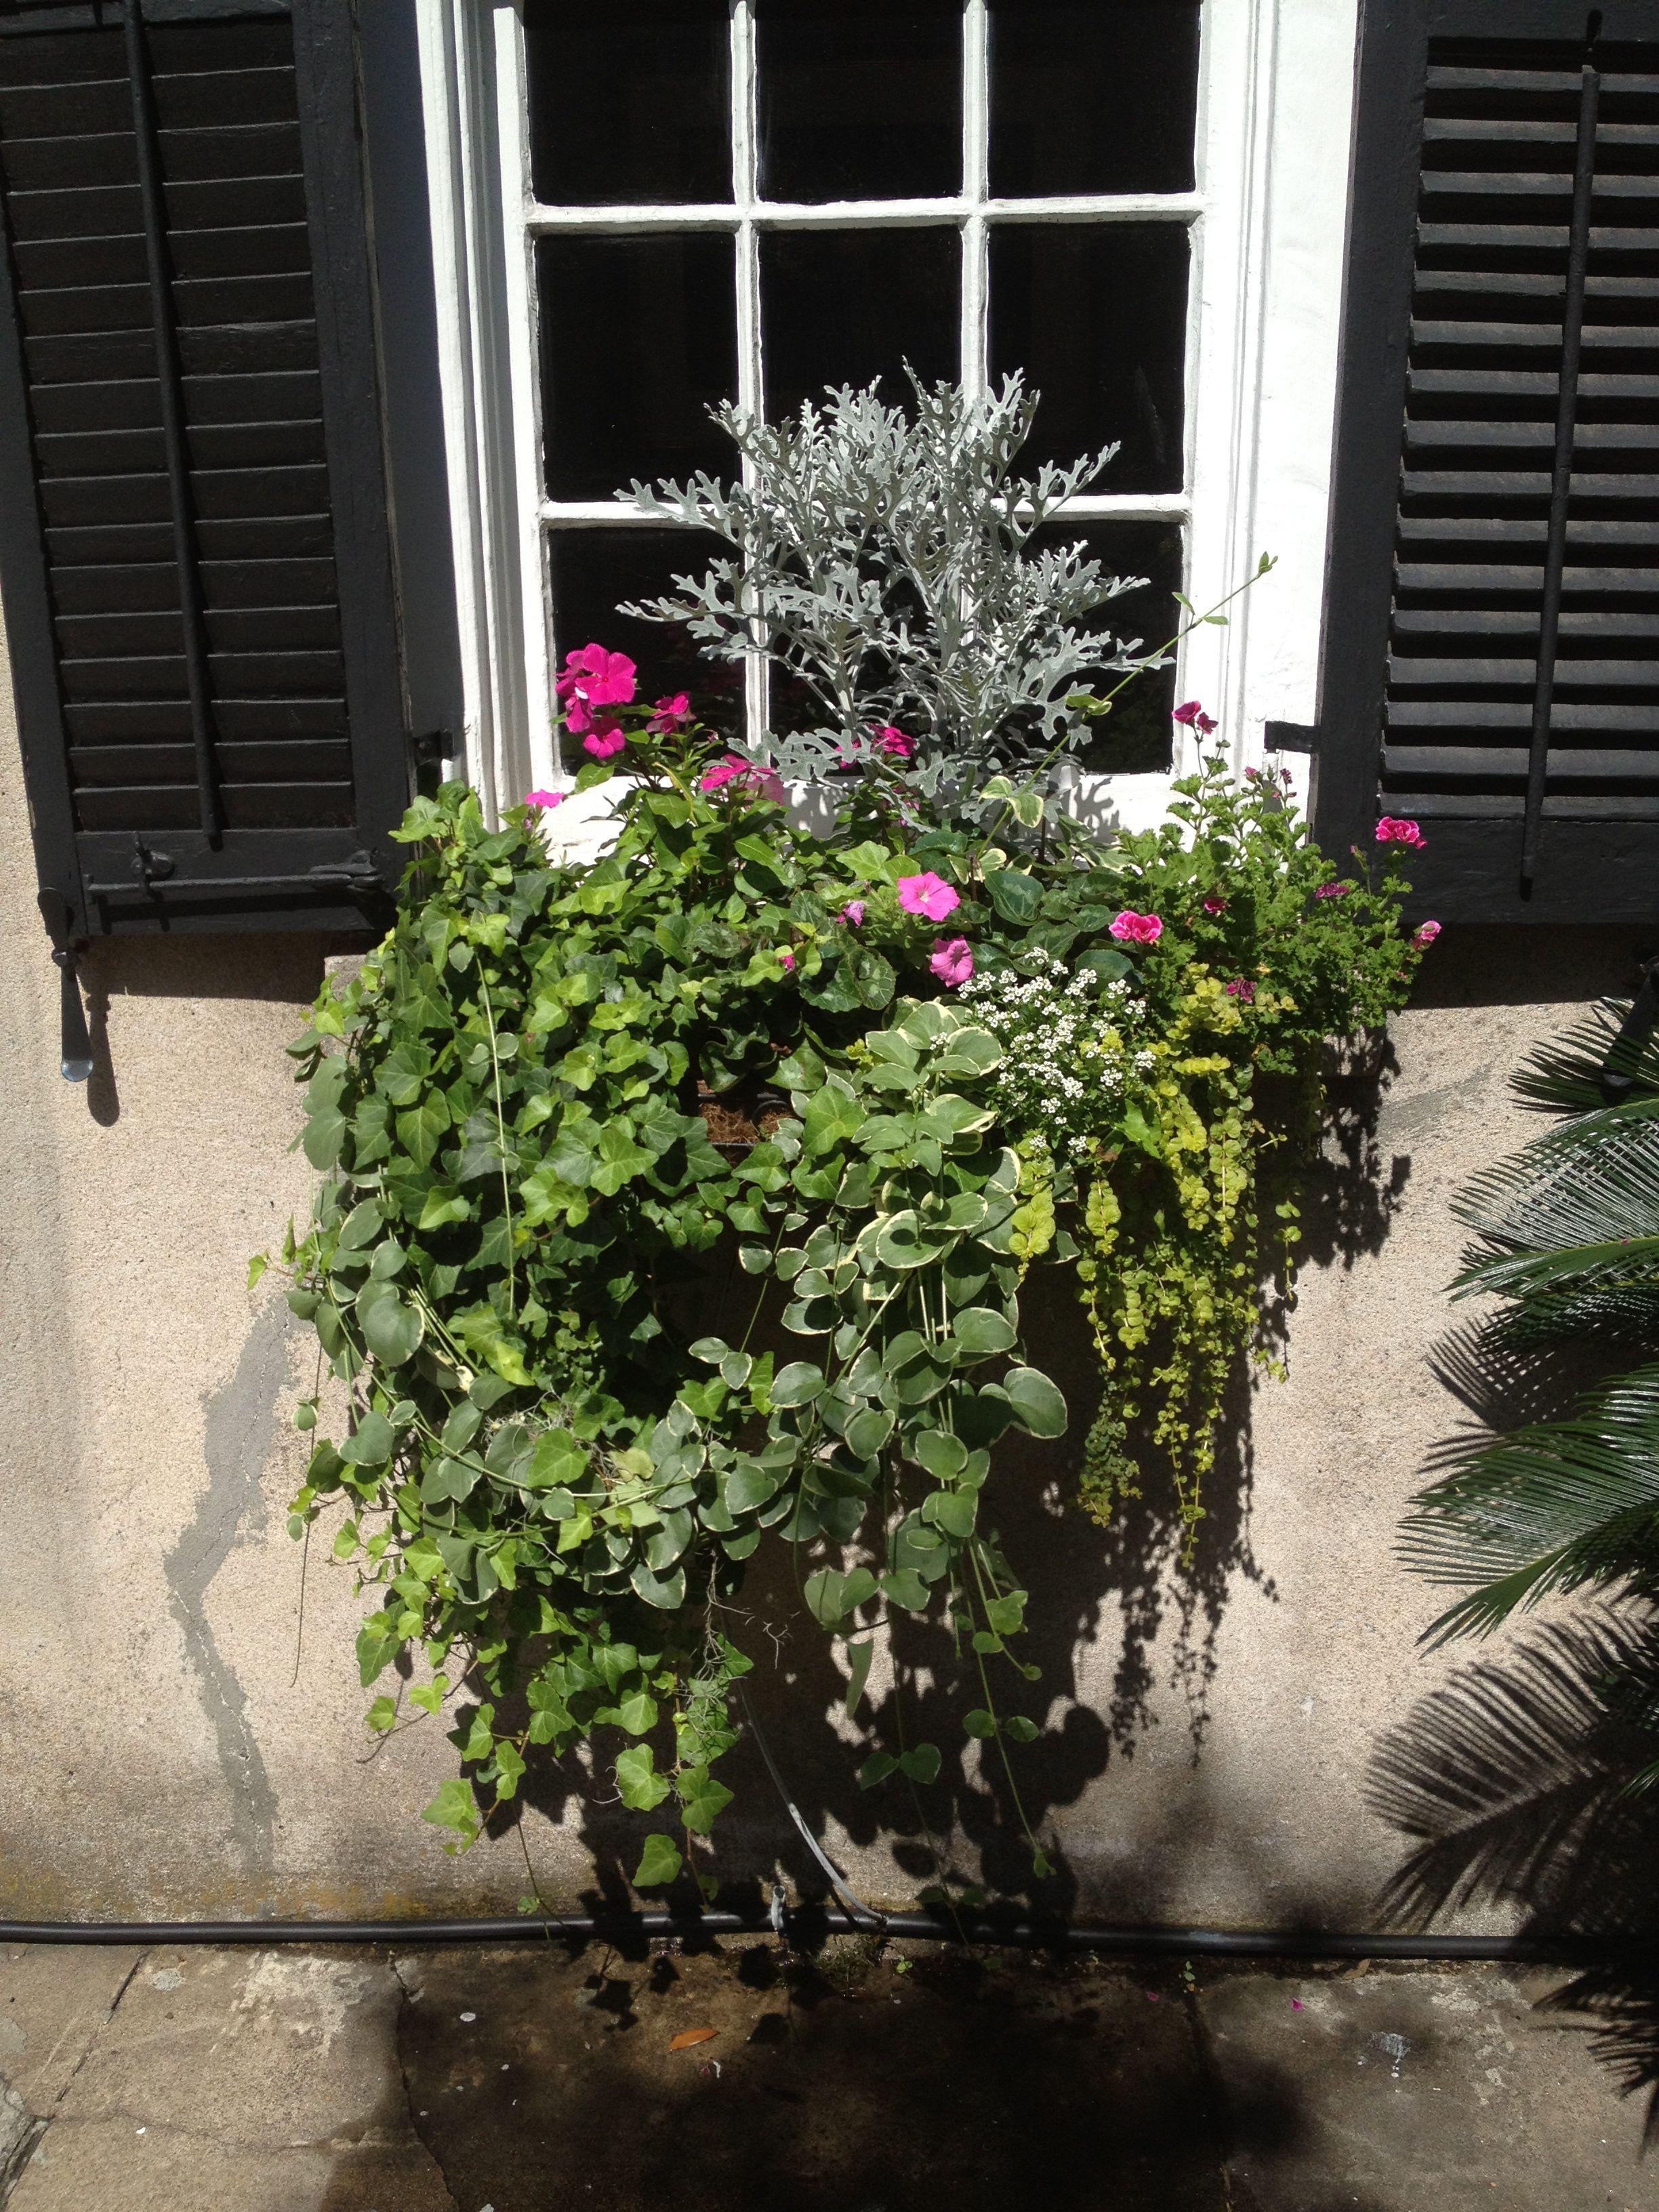 Charleston flower box sept 2012 flower boxes plants garden